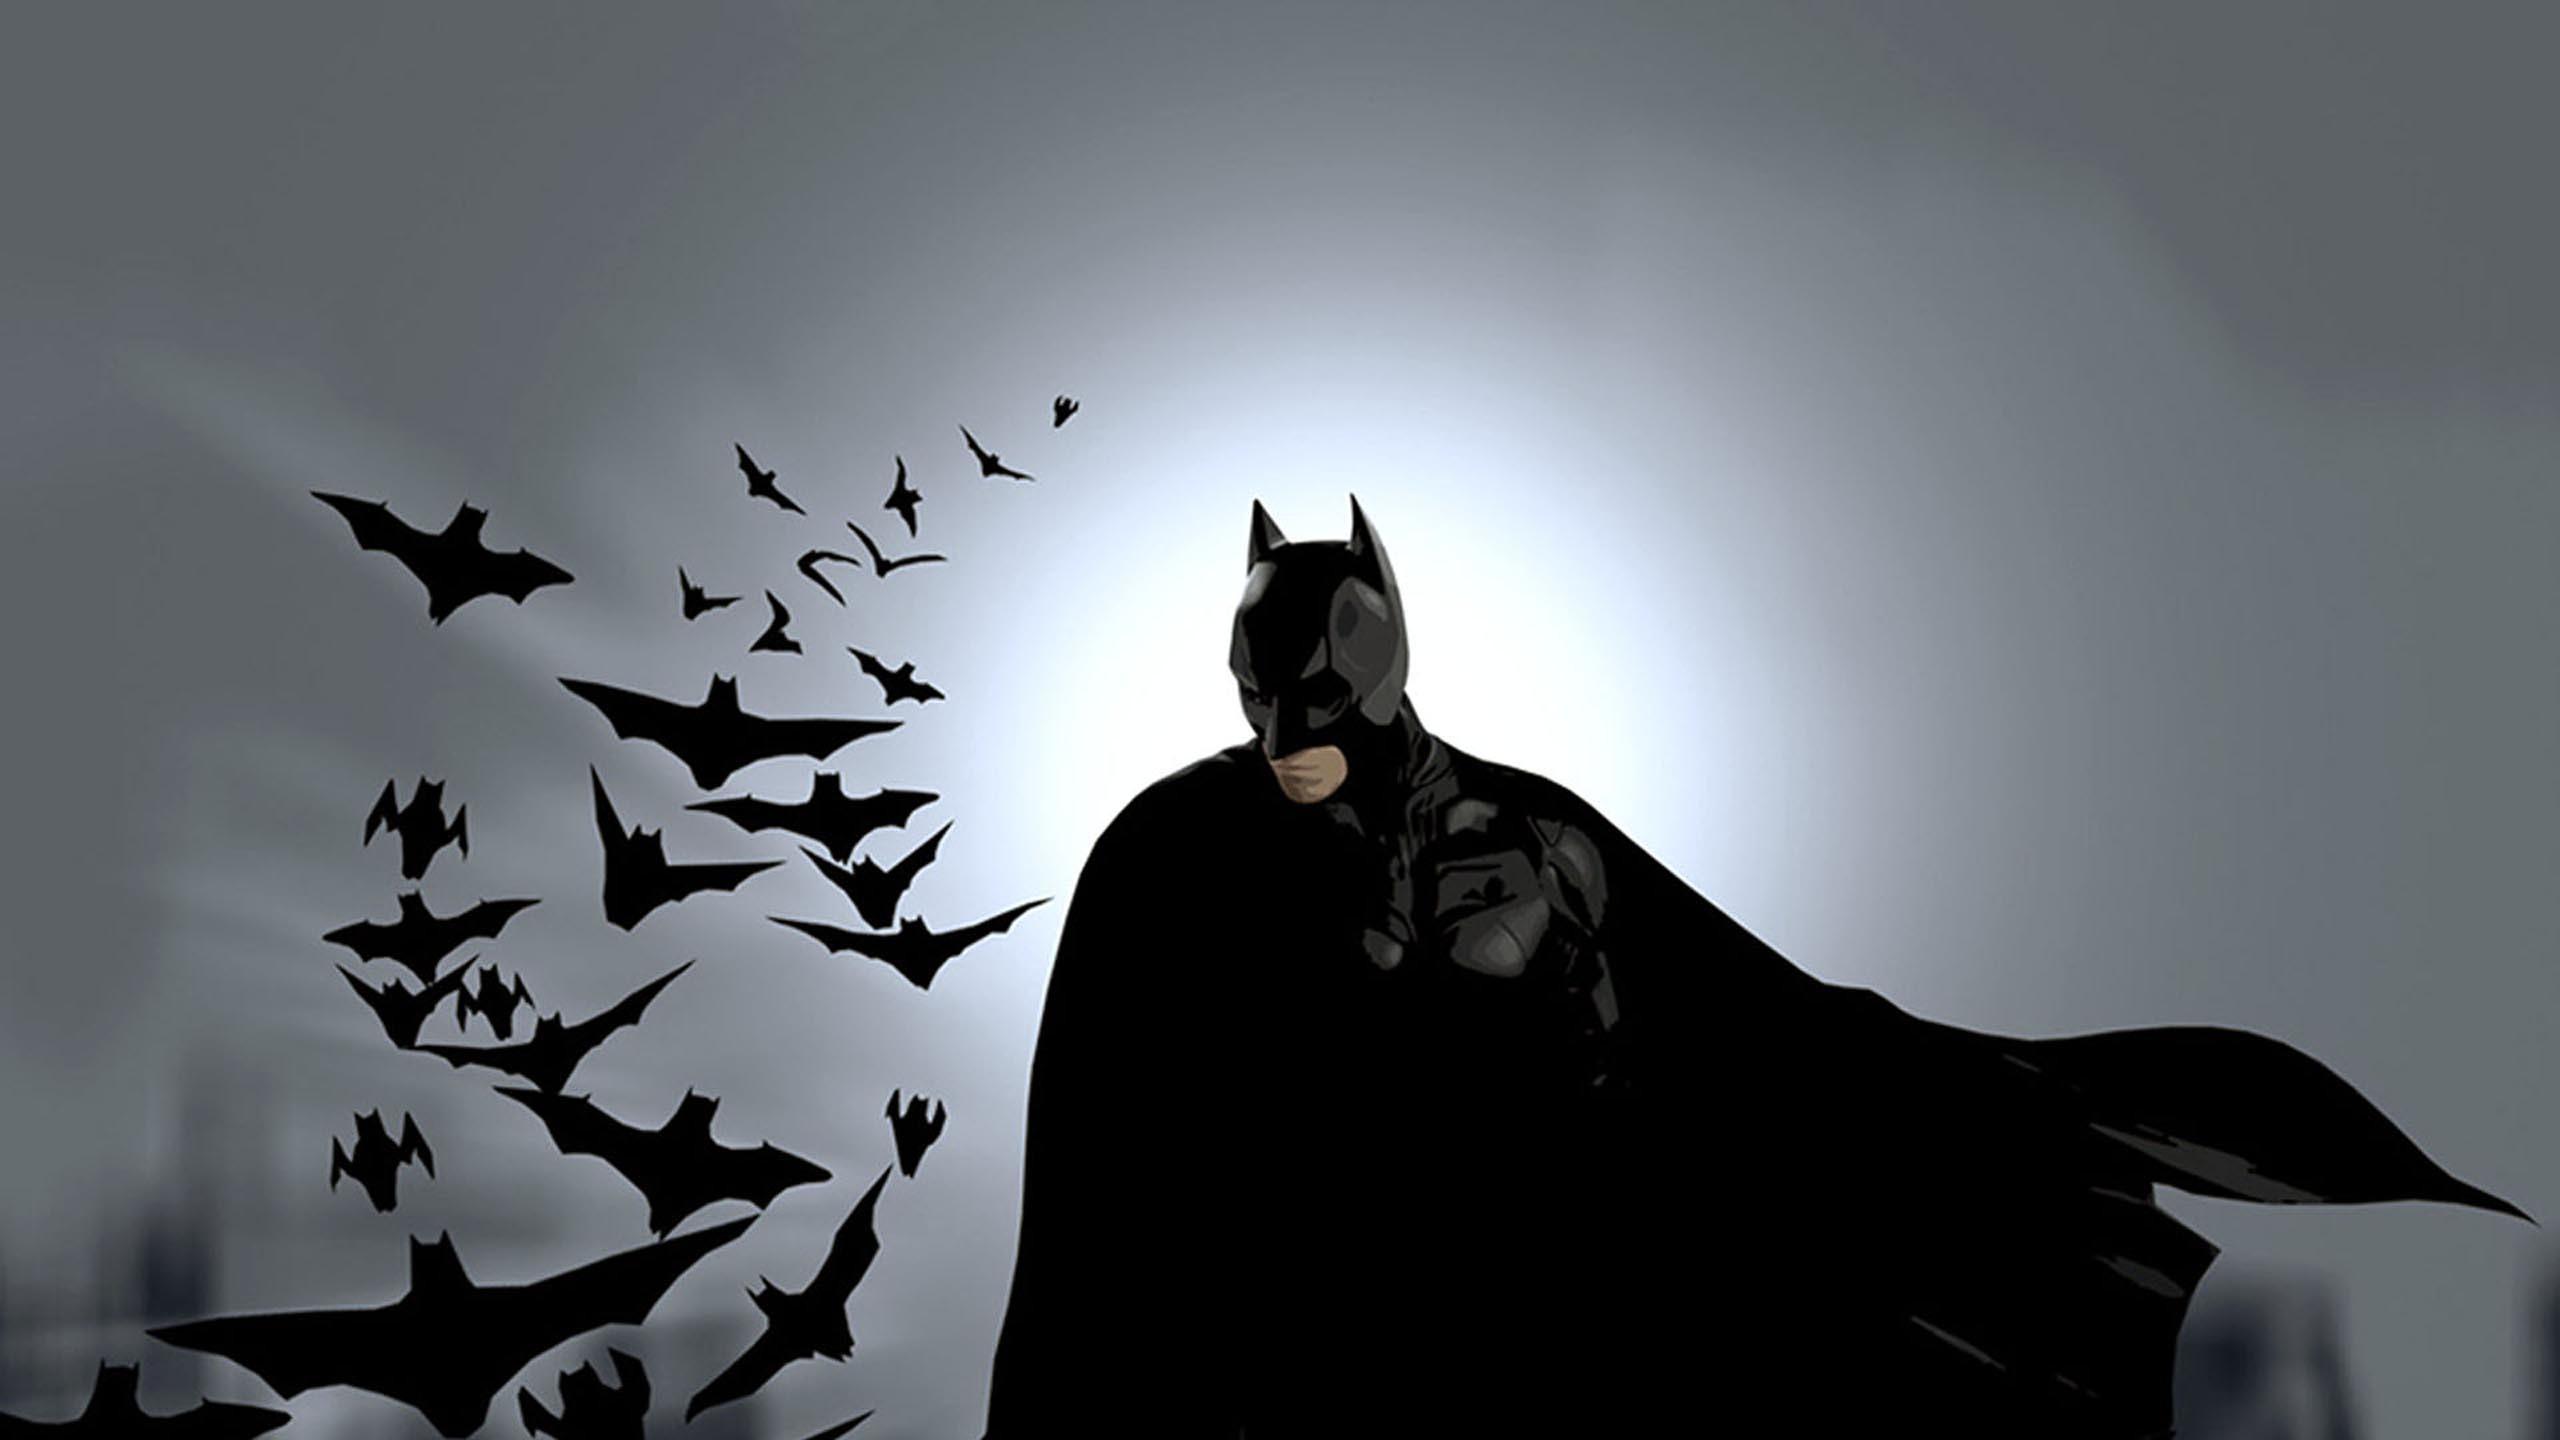 Explore Batman Wallpaper, Hd Wallpaper, and more!